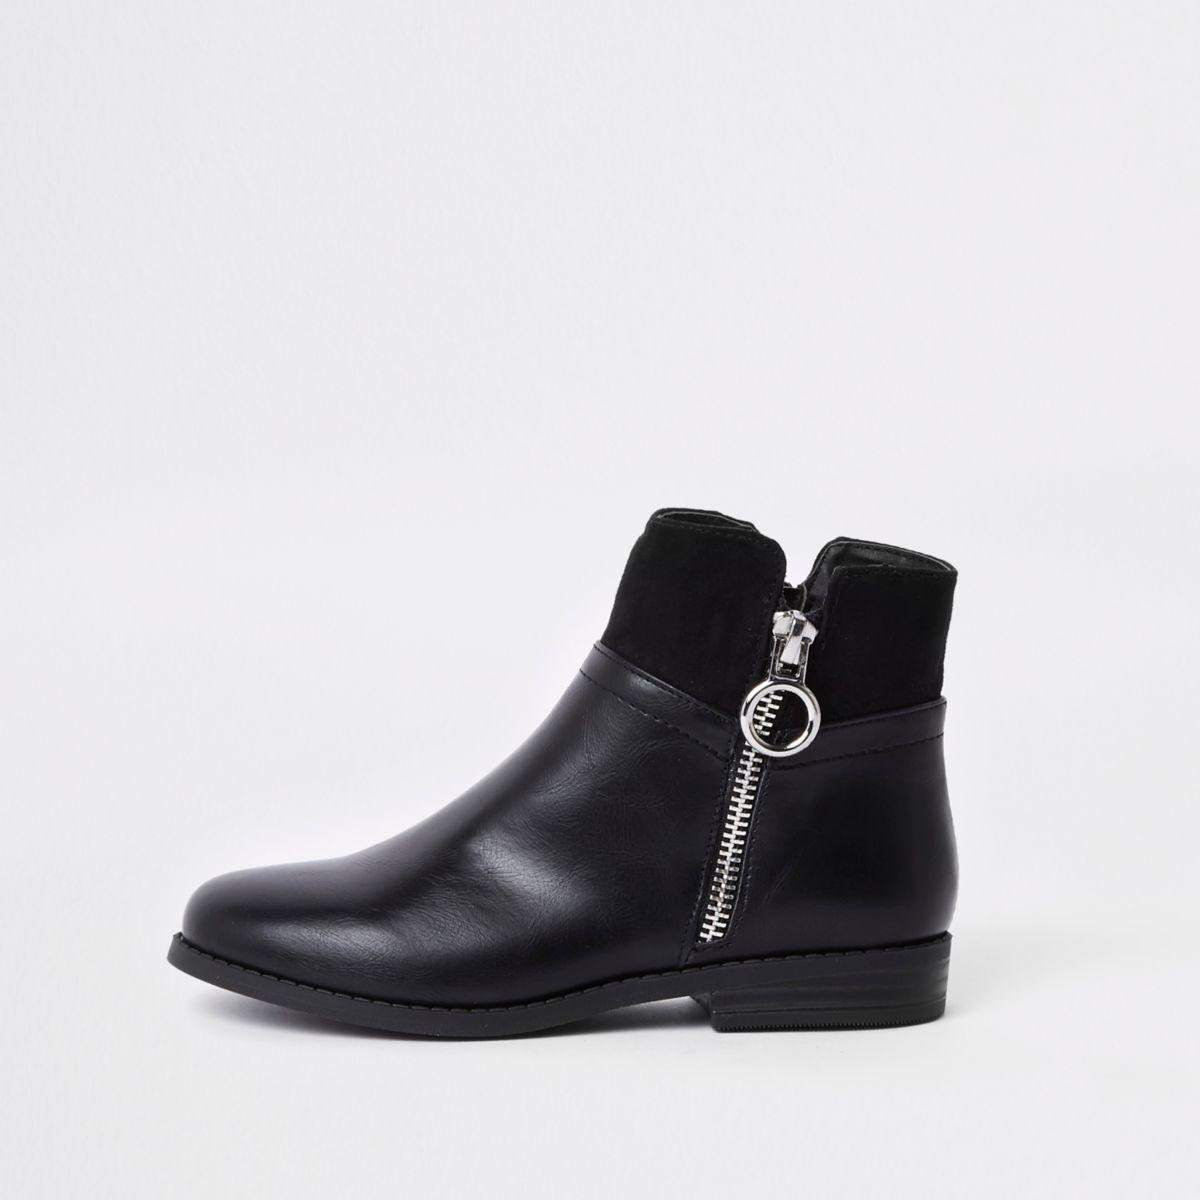 Bottes noires zippées sur le côté pour fille